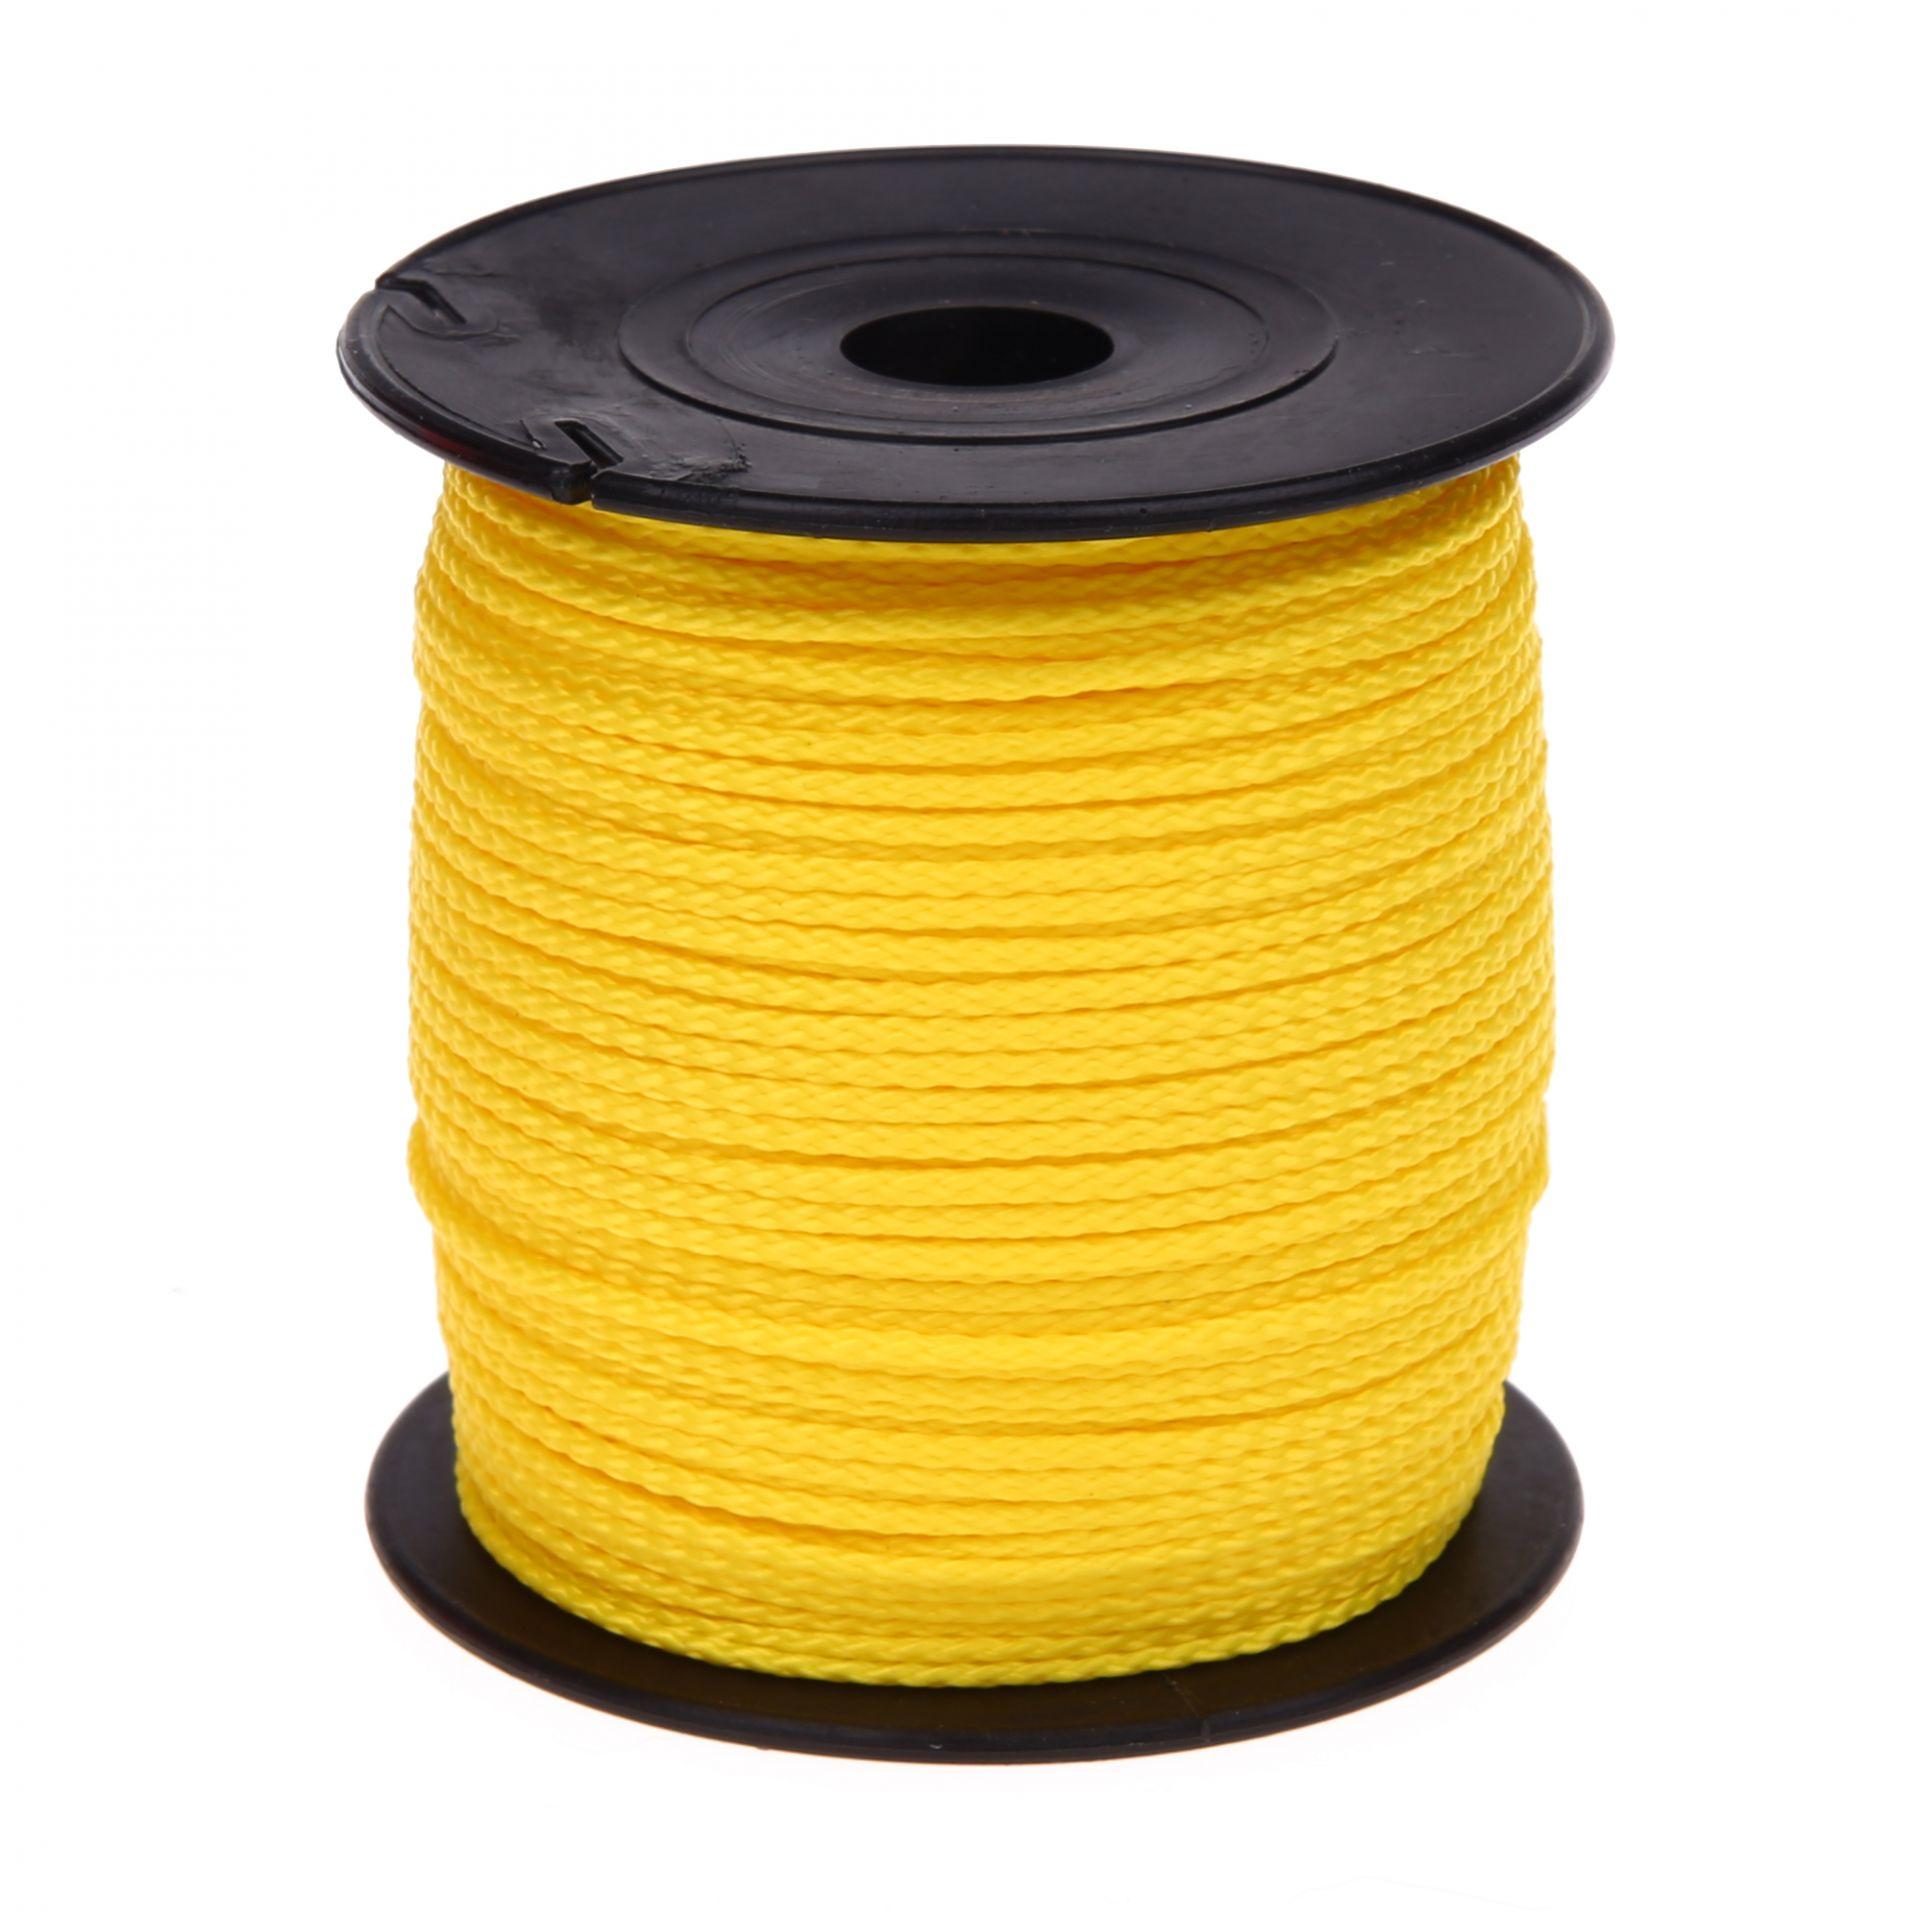 Polyester-Faden Ø 1,5mm • 1 Meter 'gelb' 172 auf Lager